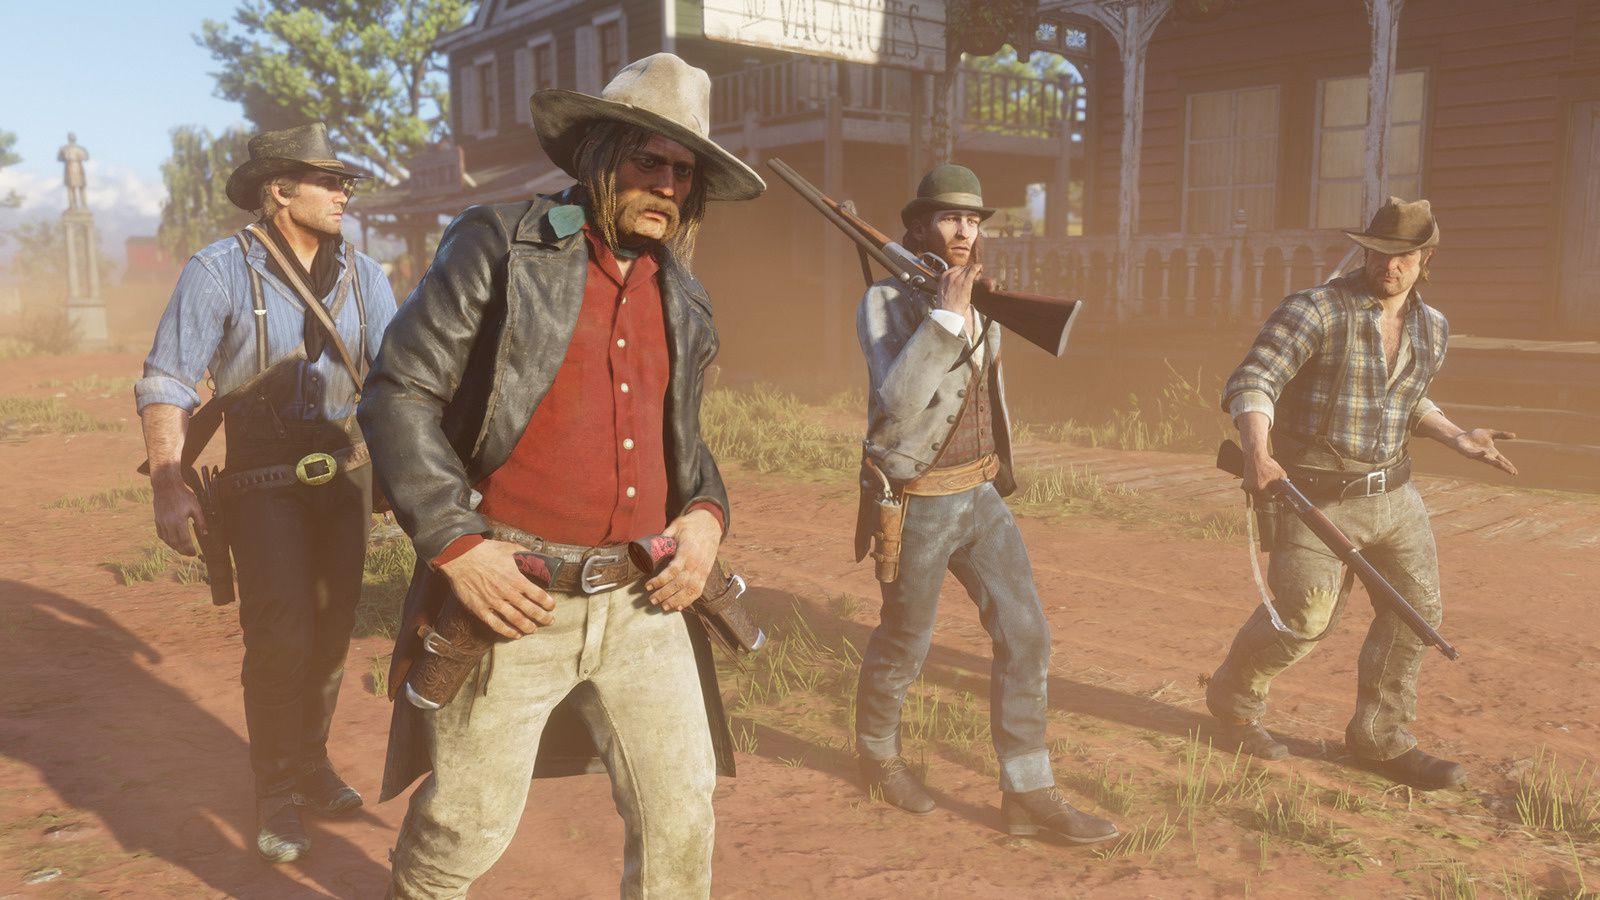 #Gaming #RDR2 - Découvrez-en plus sur les villes et les Frontiéres en images dans Red Dead Redemption 2 !!